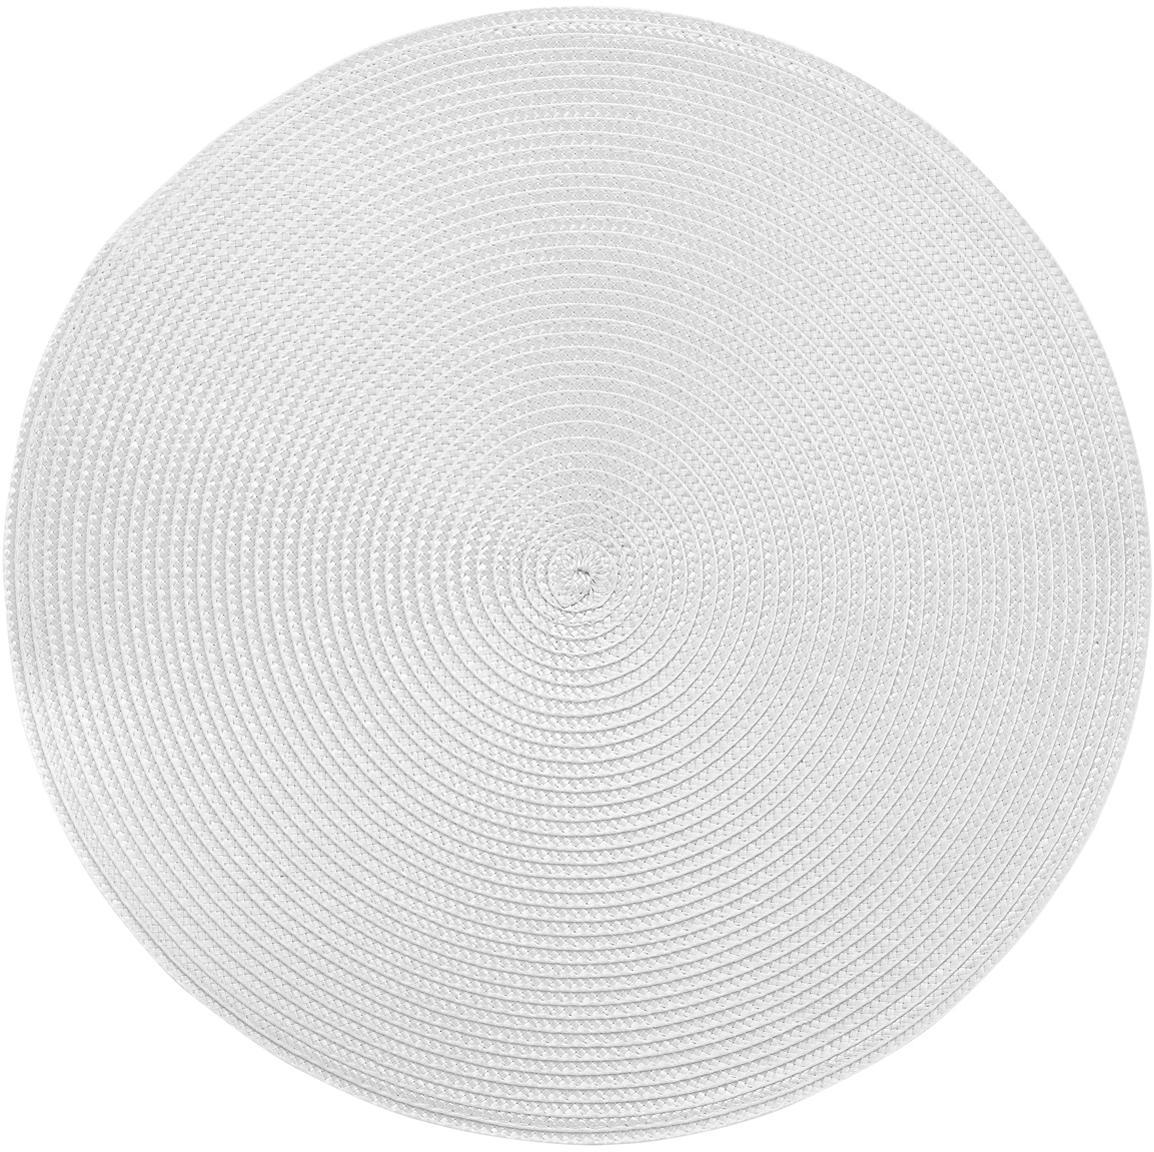 Runde Kunststoff Tischsets Ambiente, 2 Stück, Kunststoff, Hellgrau, Ø 38 cm